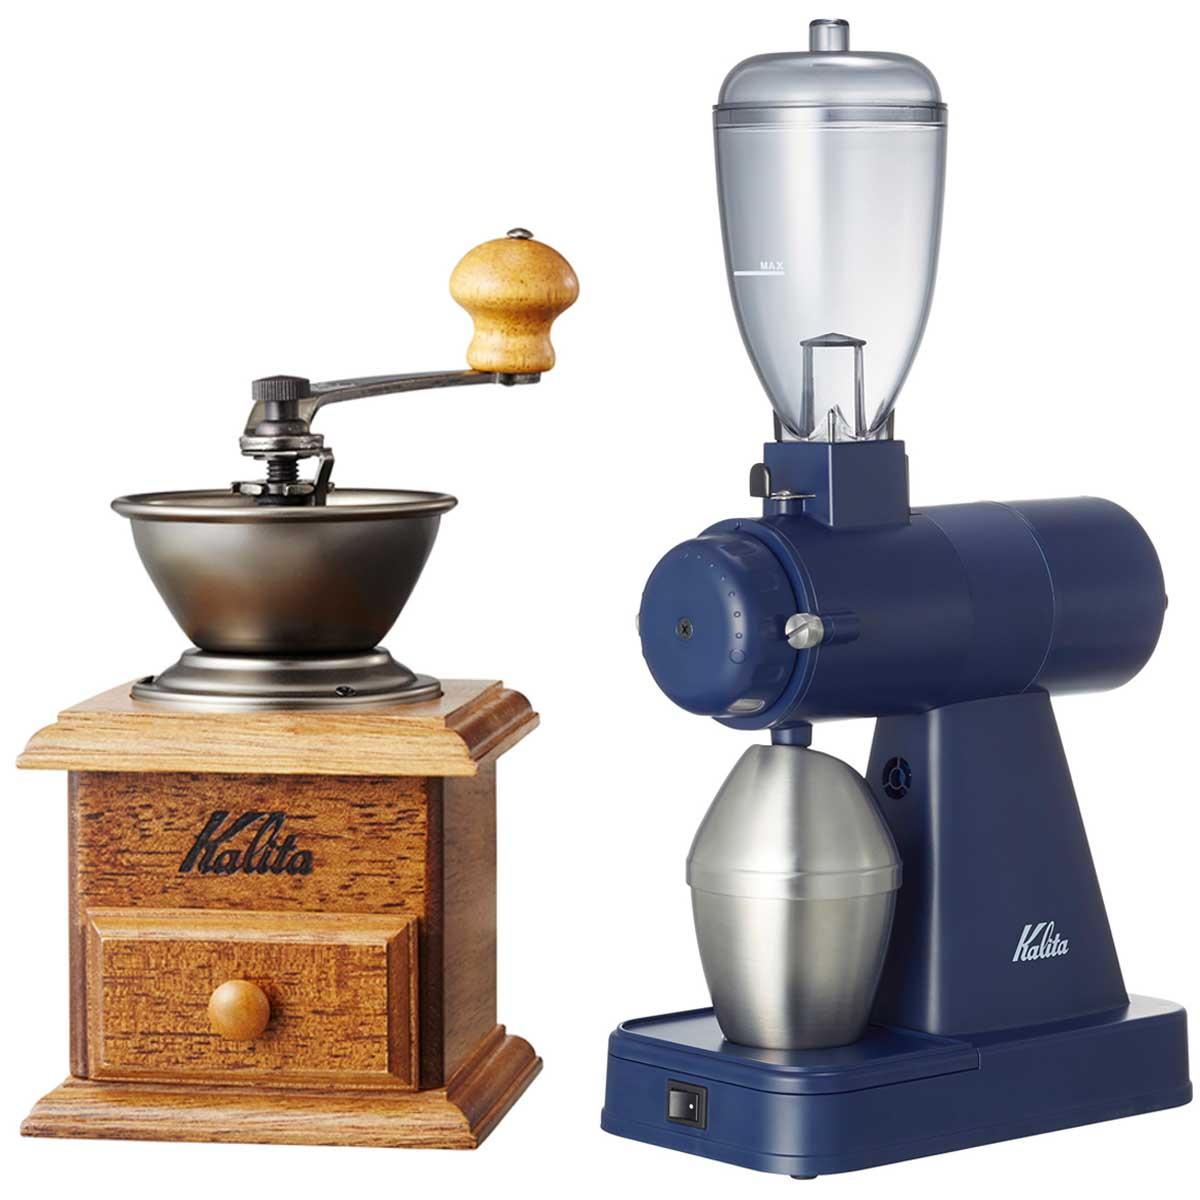 コーヒーミルは手動・電動どっちがいい? 選び方と人気モデルを紹介